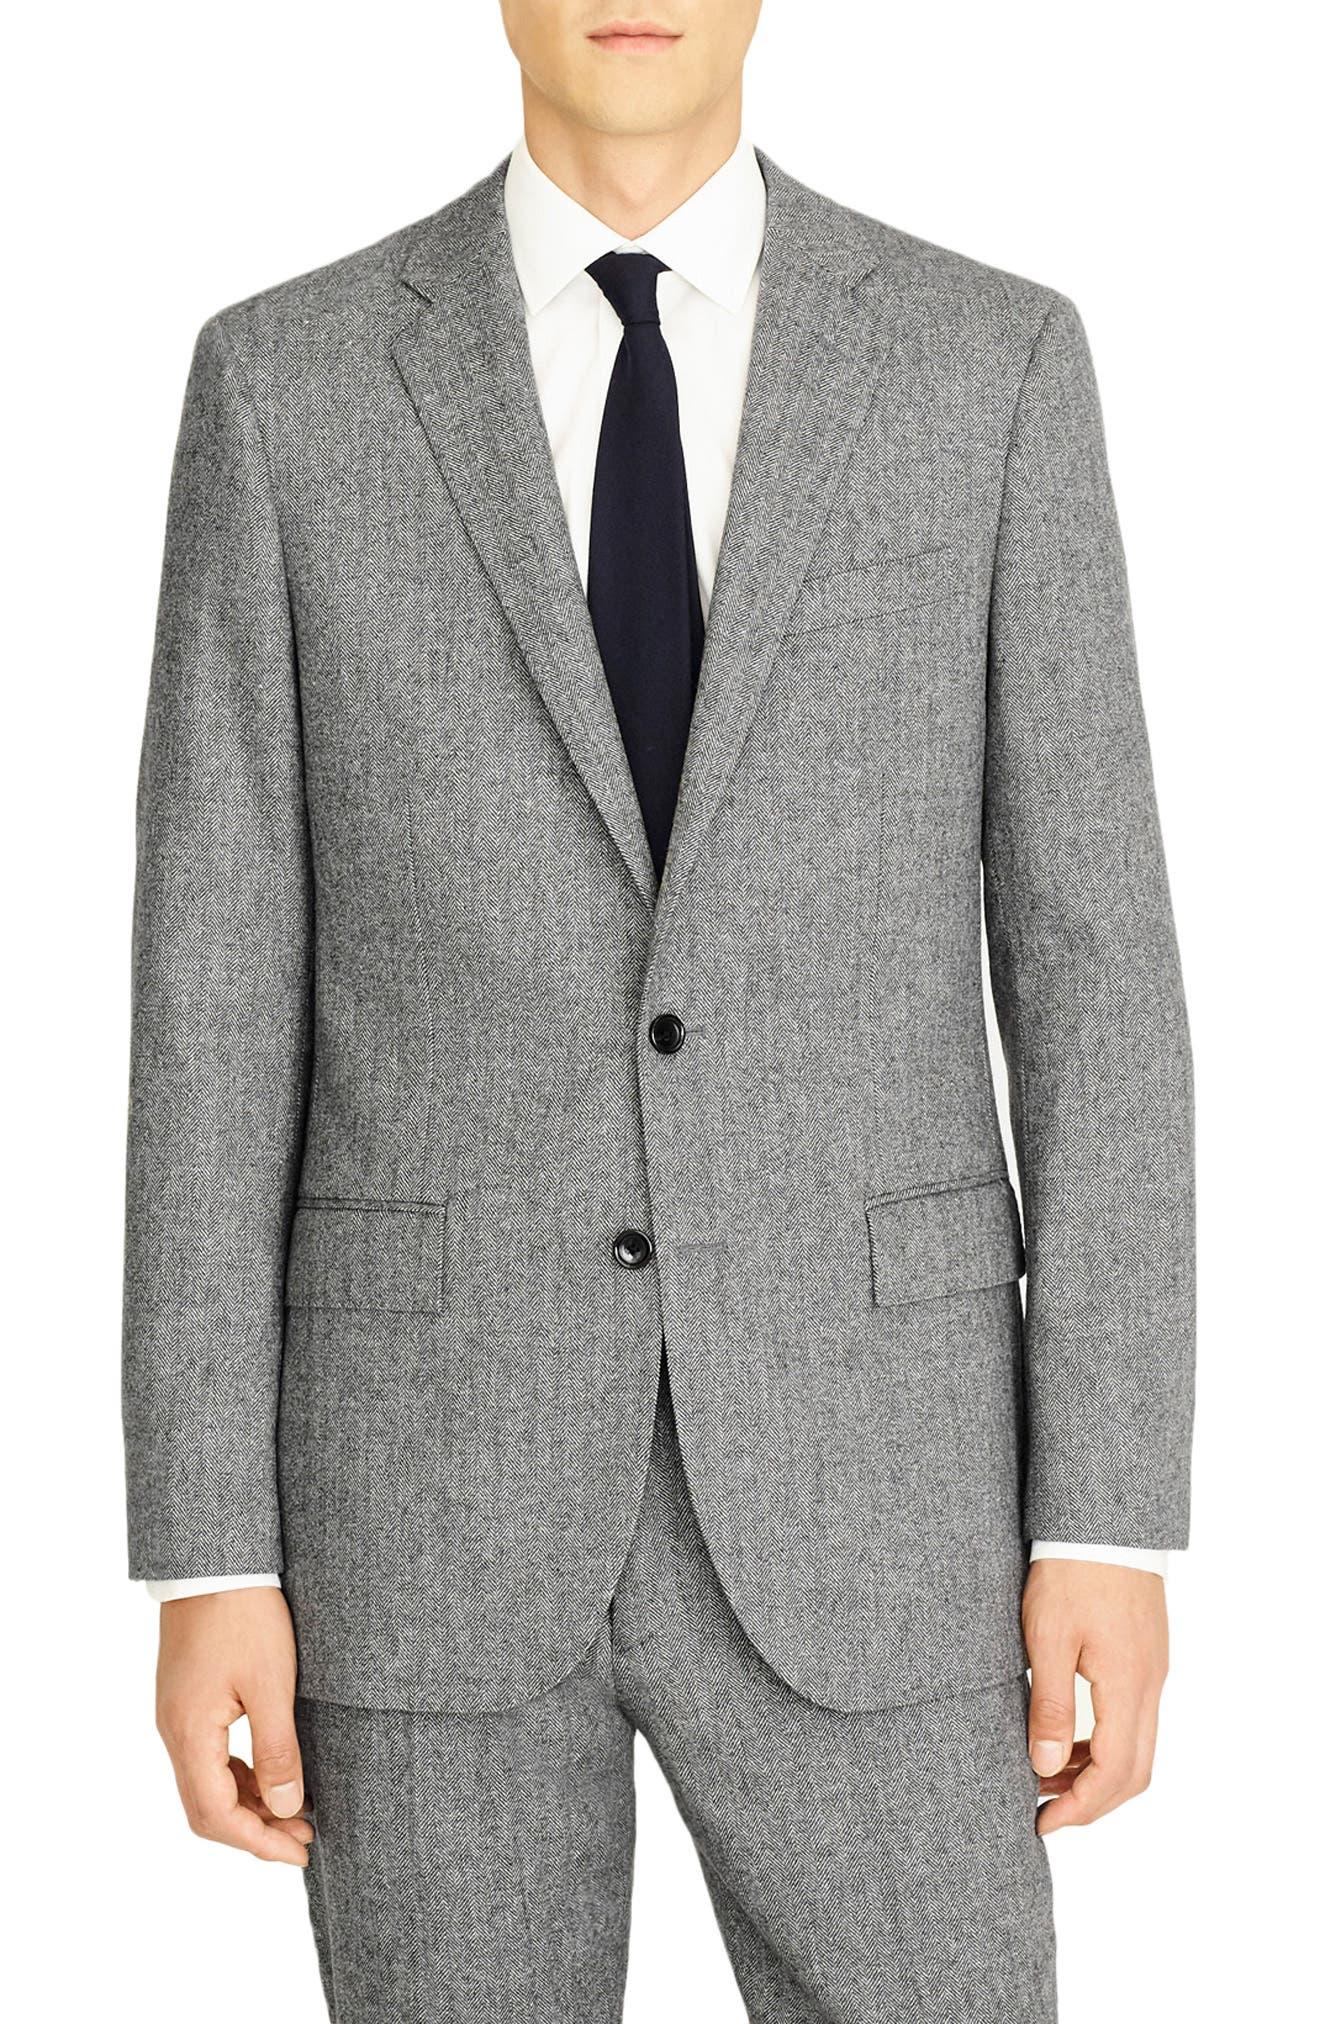 J.CREW Ludlow Slim Fit Herringbone Wool Blend Suit Jacket in Grey Herringbone